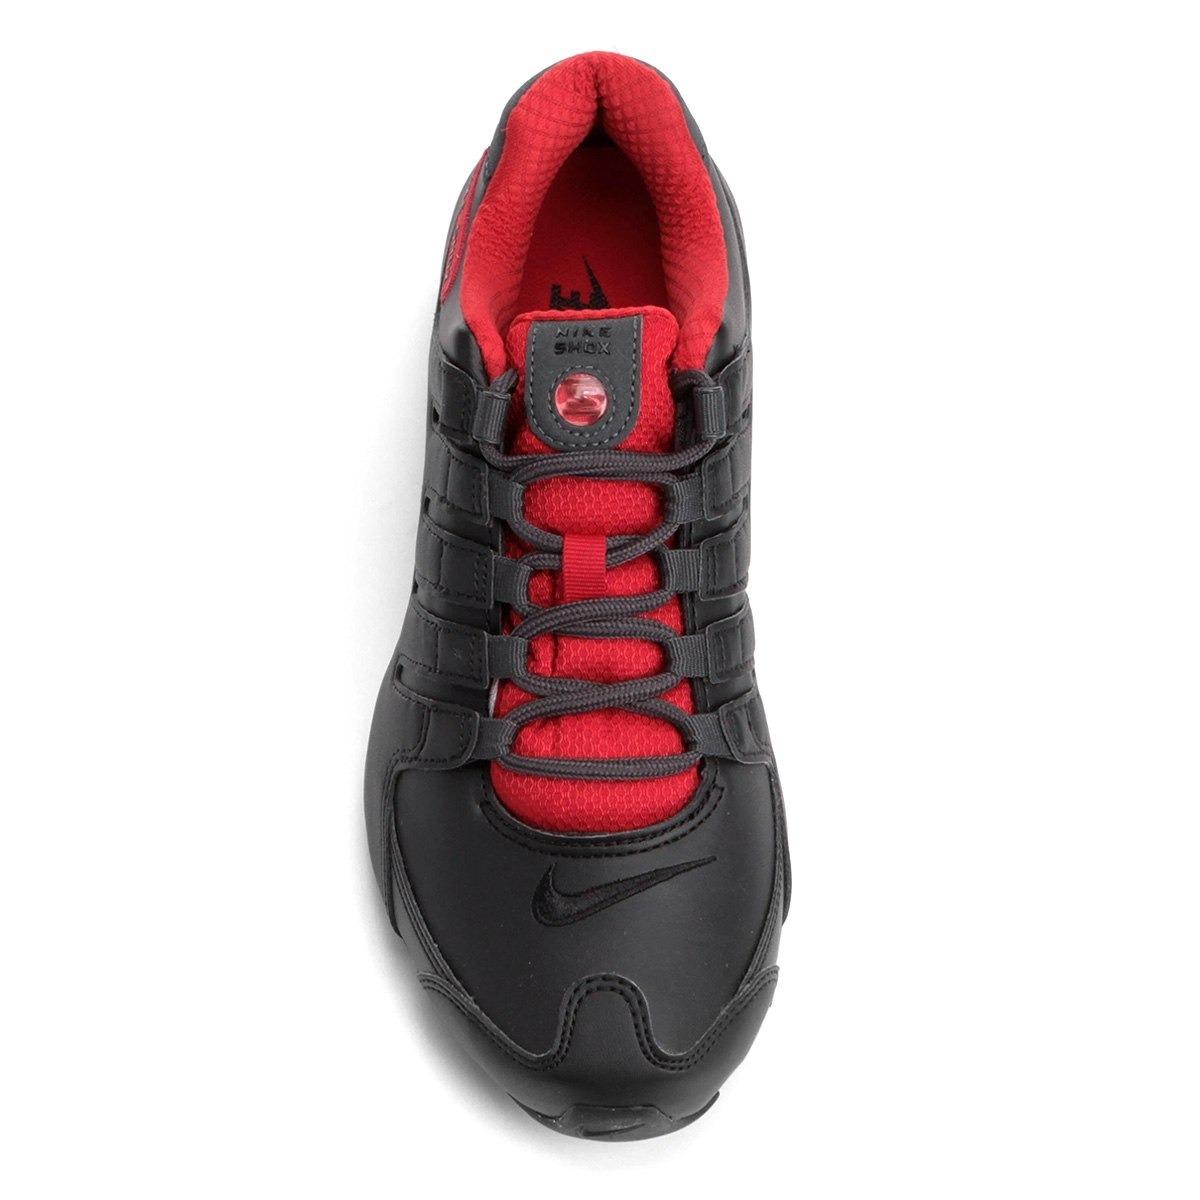 476e8a1b34eb ... ireland tênis nike shox nz se preto e vermelho original. carregando  zoom. 79b5e 233da